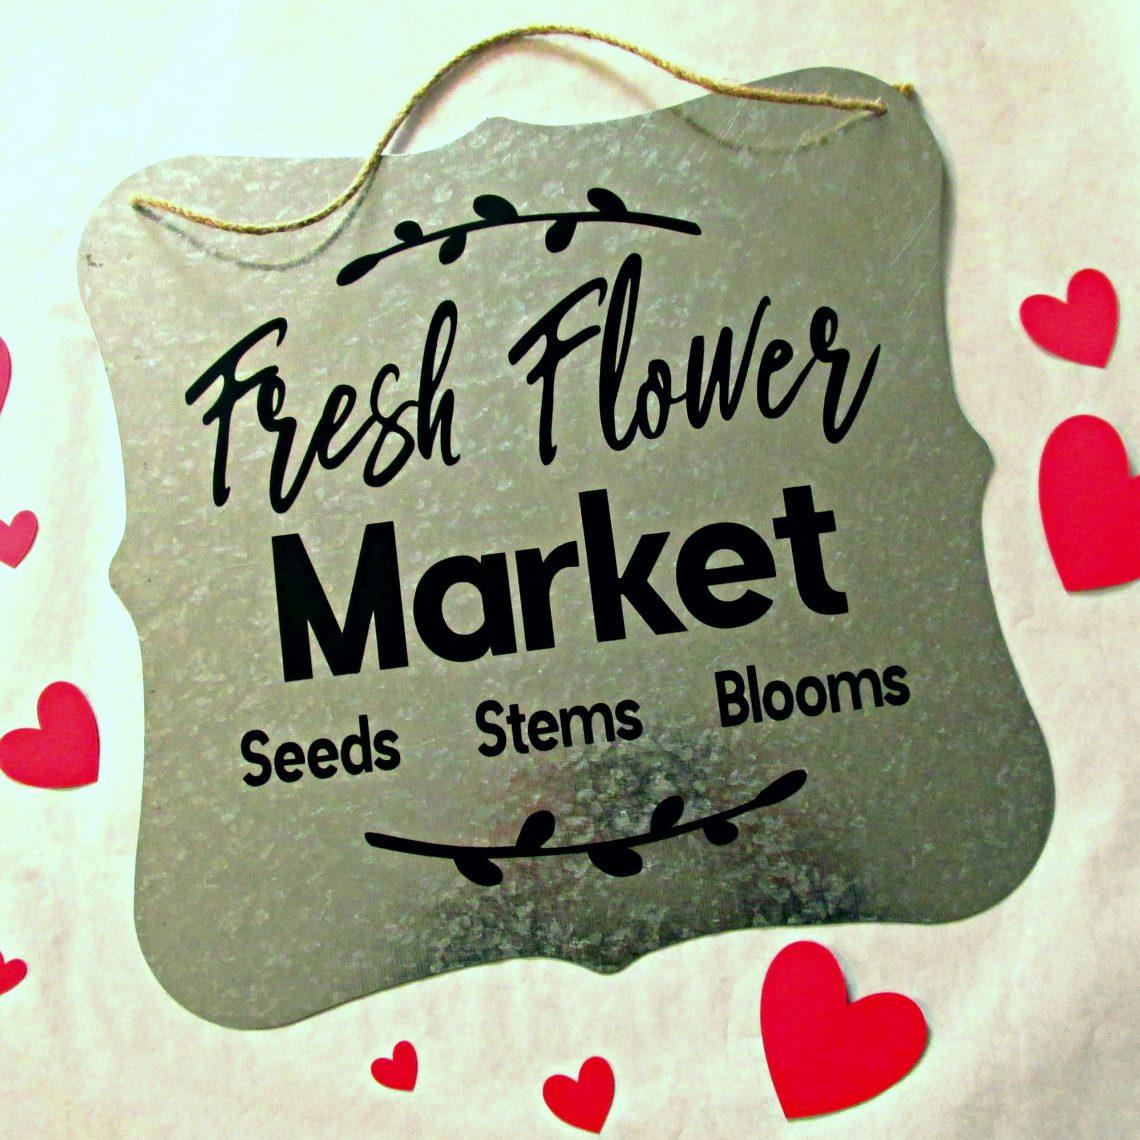 fresh-flower-market-galvanized-metal-sign